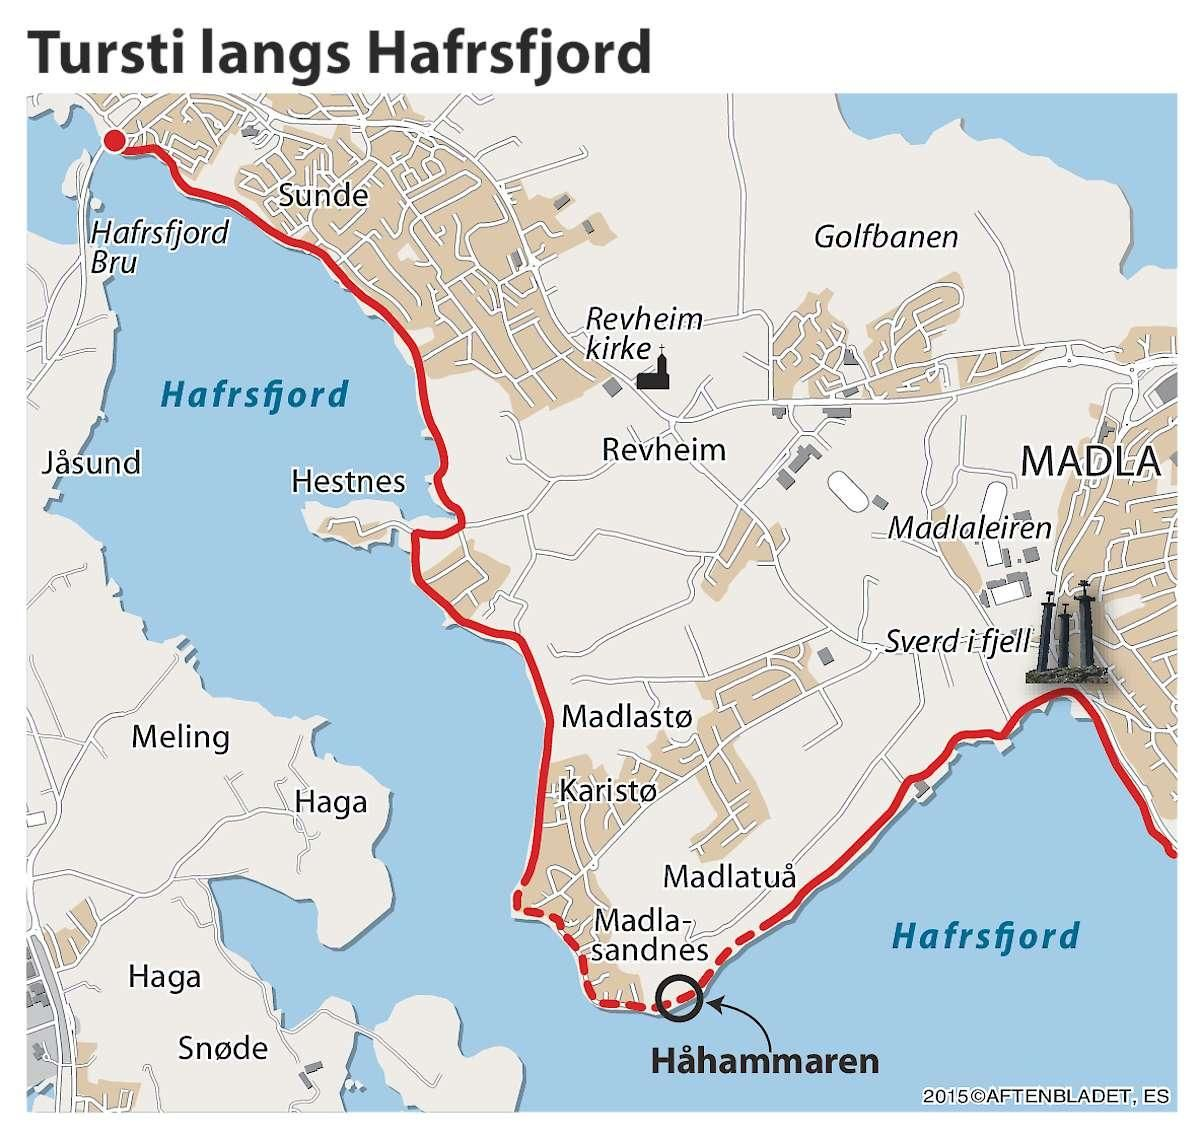 kart hafrsfjord Ett steg nærmere tursti rundt hele Hafrsfjord   Aftenbladet.no kart hafrsfjord